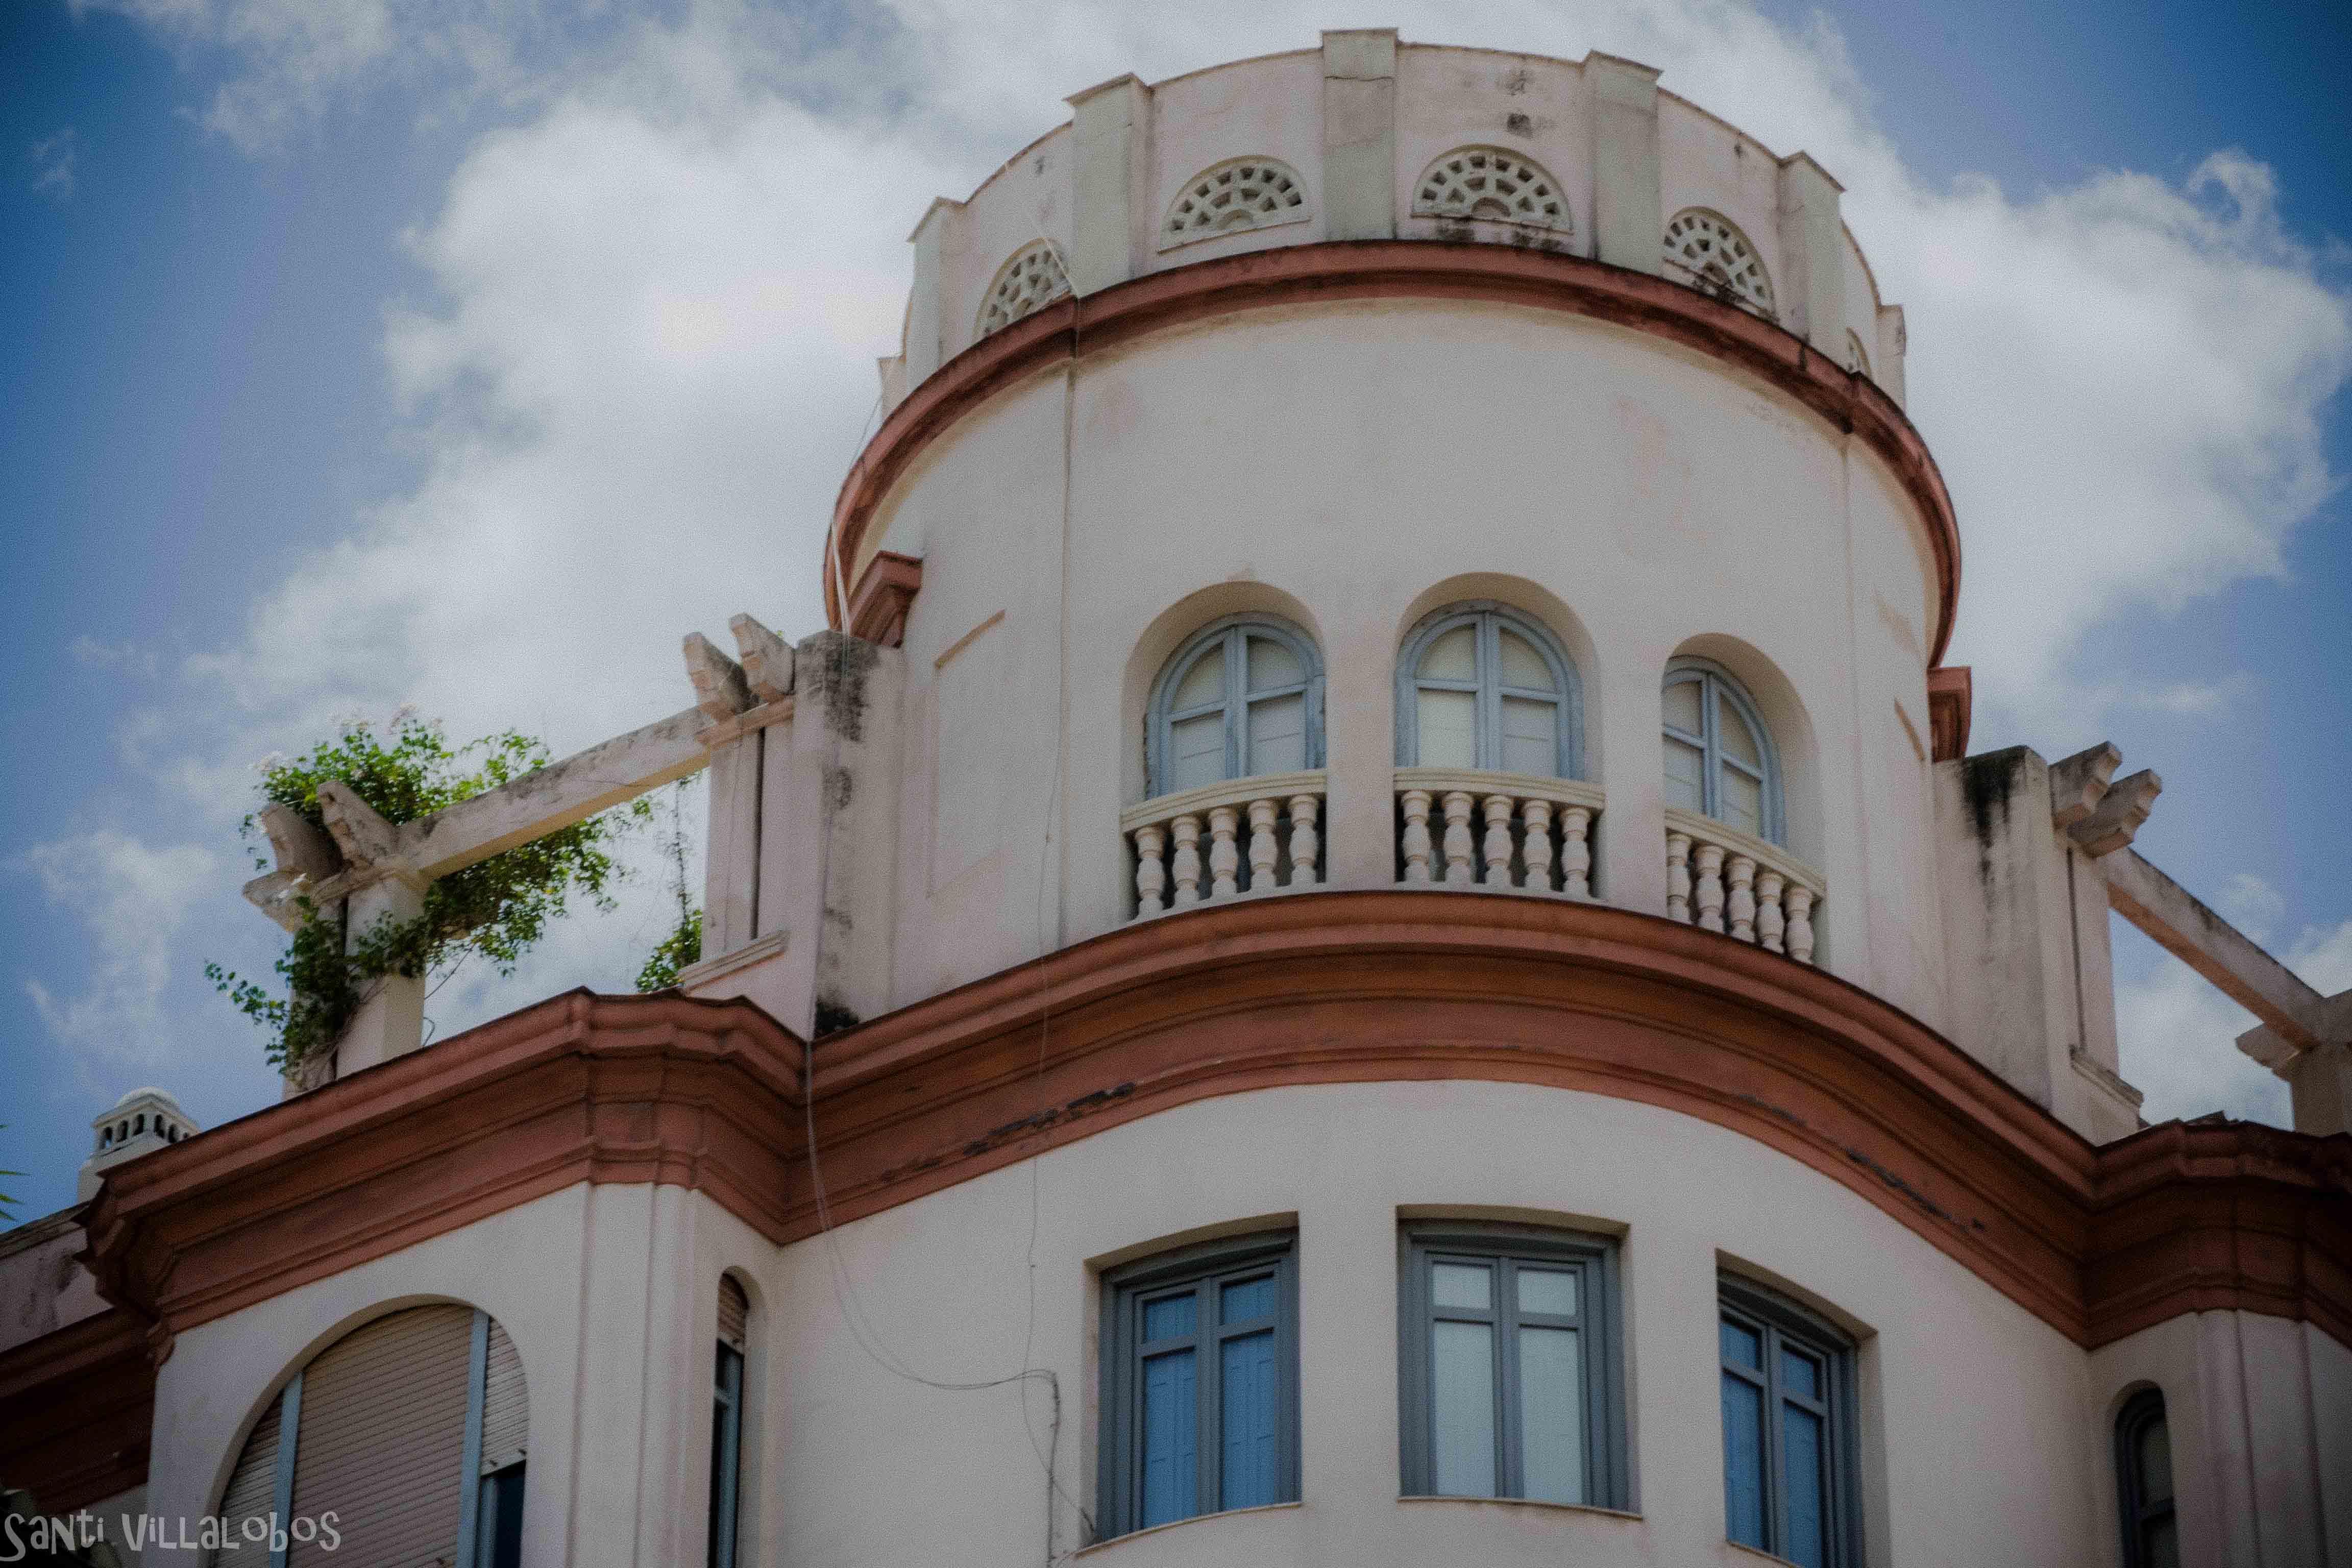 Edificio del centro fotos de m laga capital - Fotos malaga capital ...